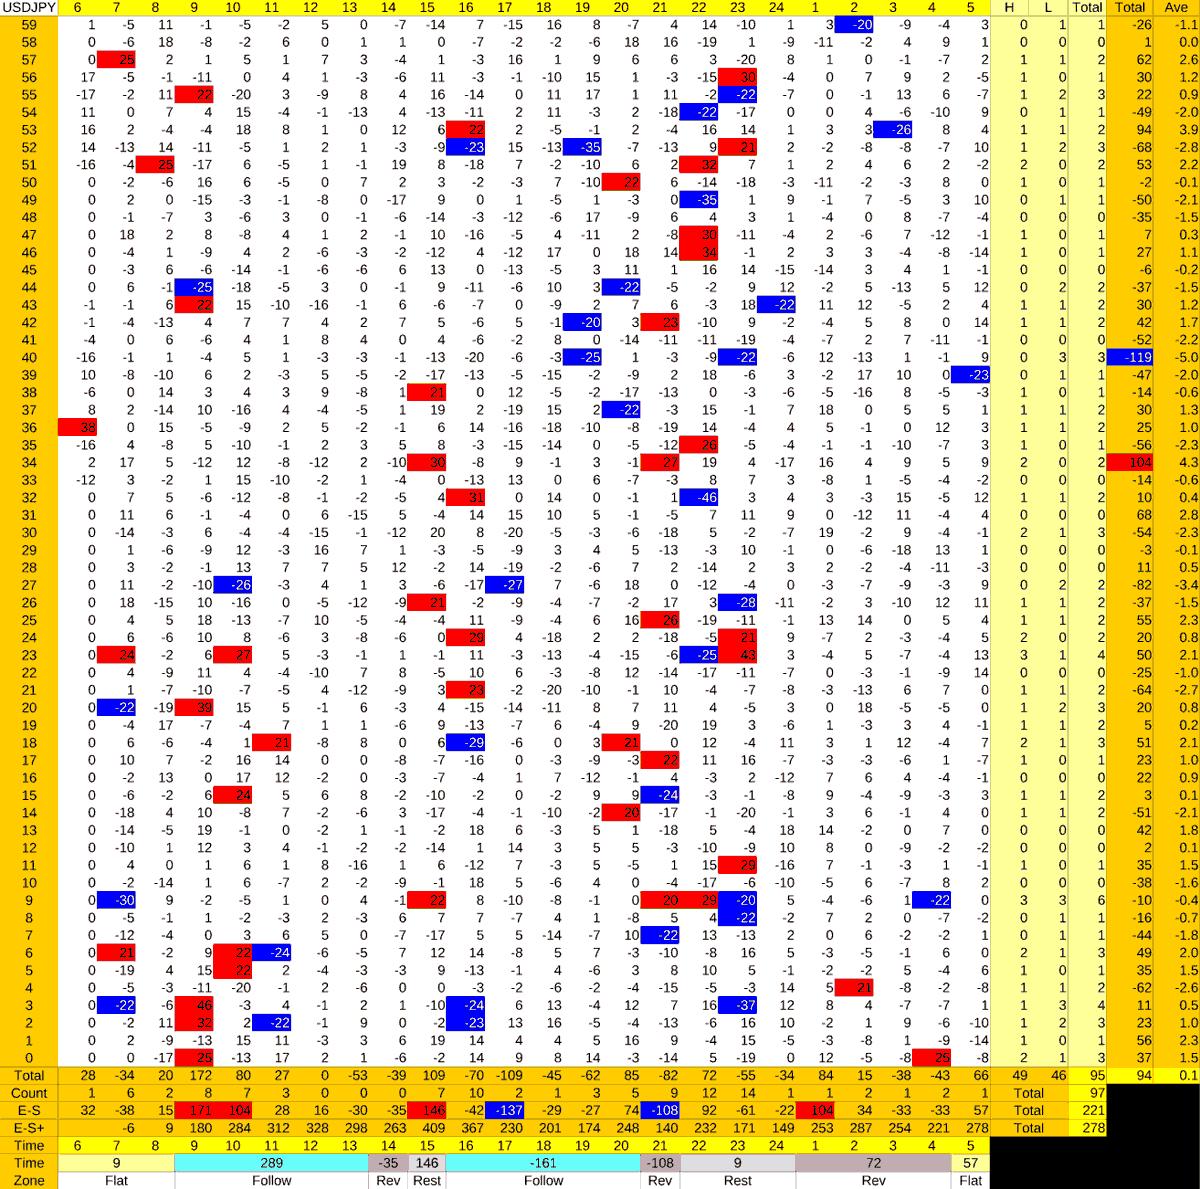 20210510_HS(1)USDJPY